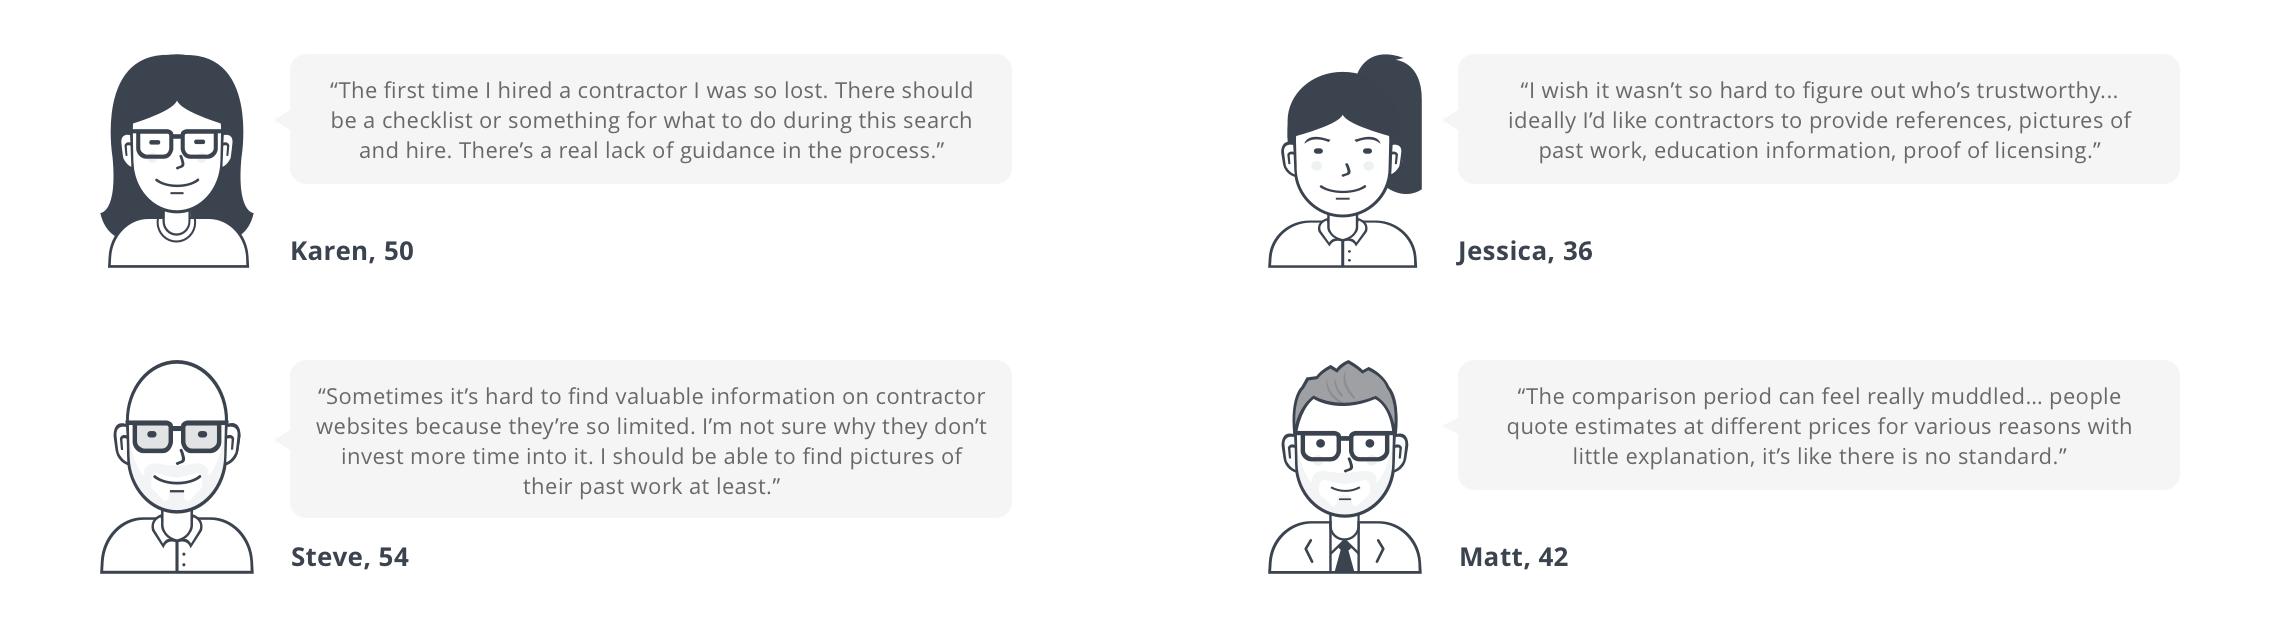 user interviews visual kts.png